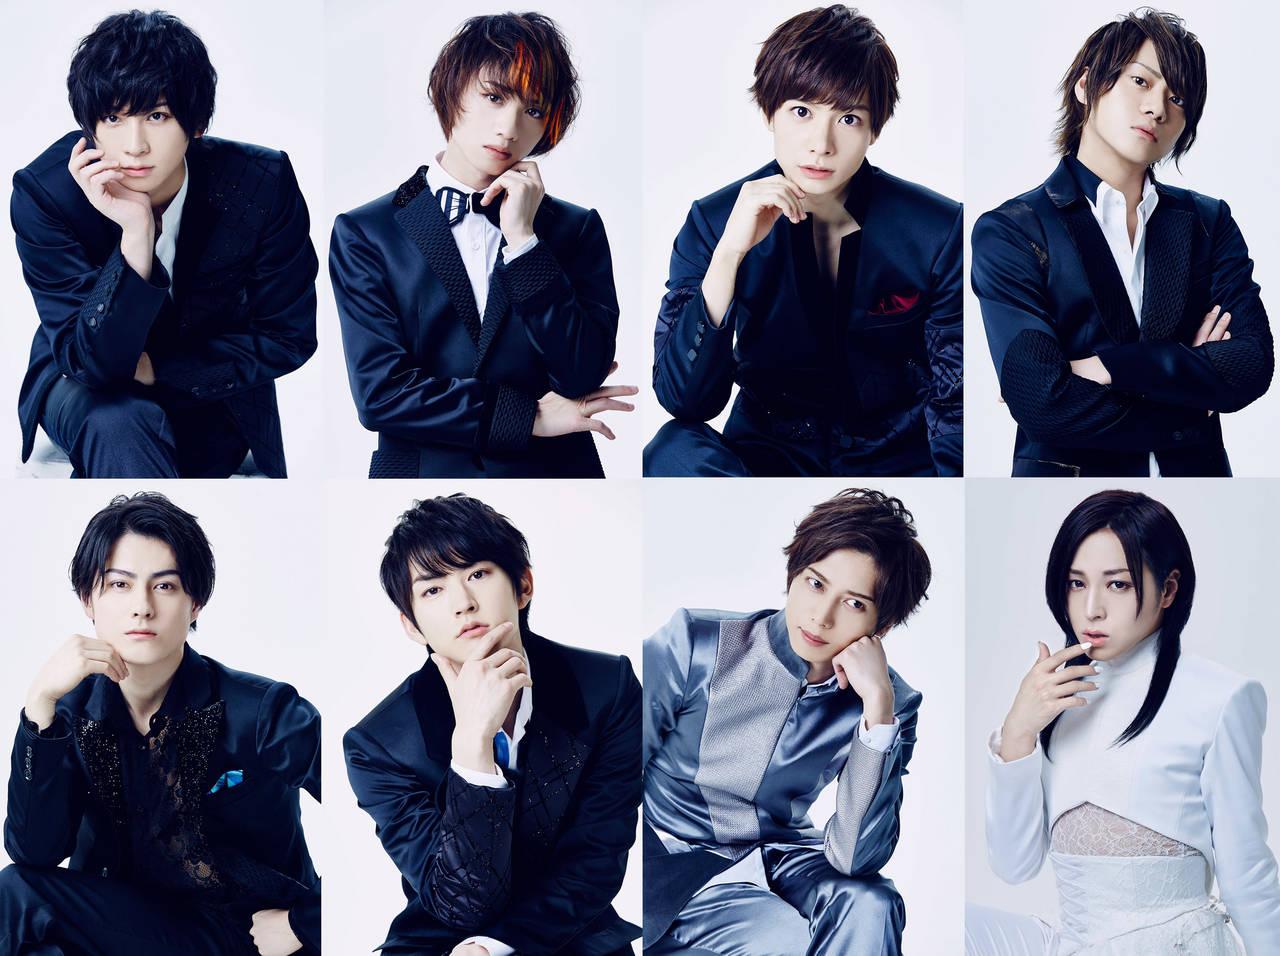 ドラマ『REAL⇔FAKE』荒牧慶彦さん、和田雅成さんら出演のスペシャルイベントが 映像化決定!